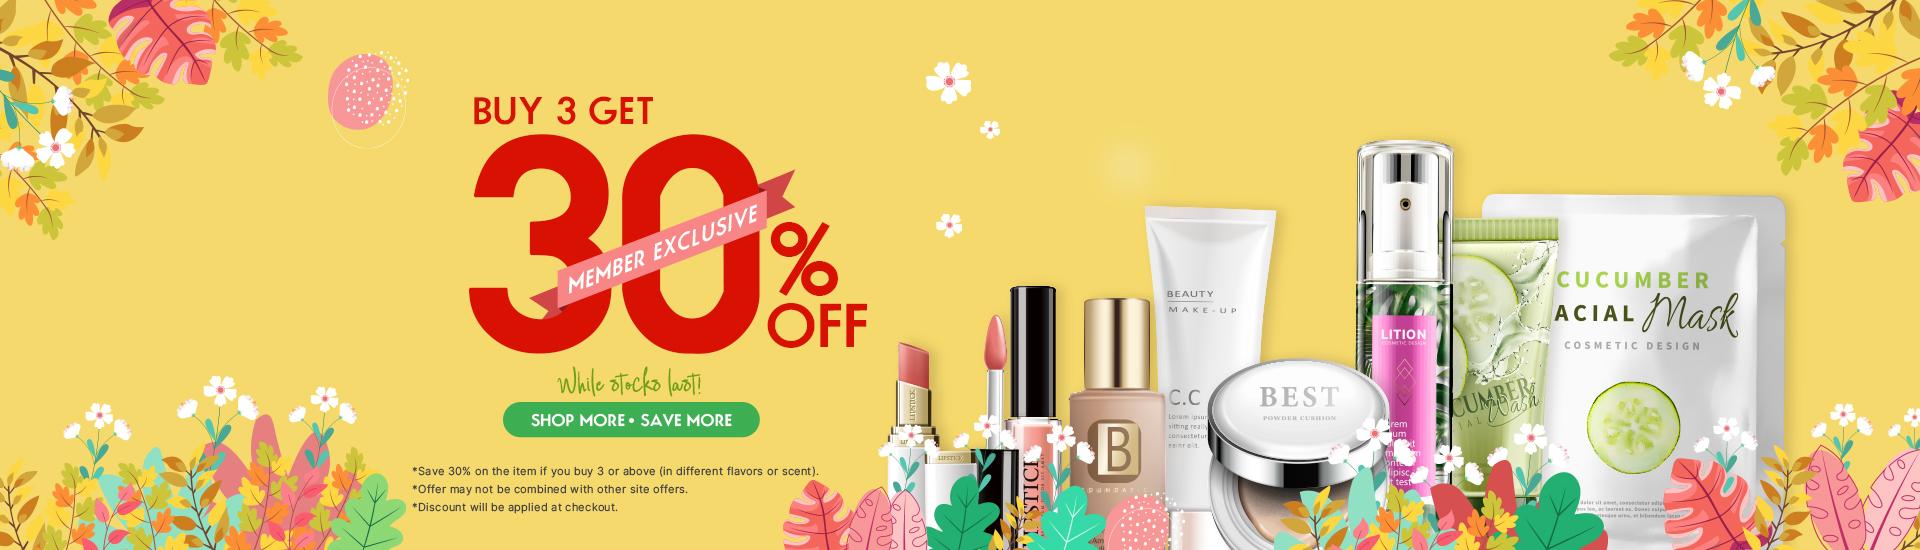 Buy 3 Get 30% OFF